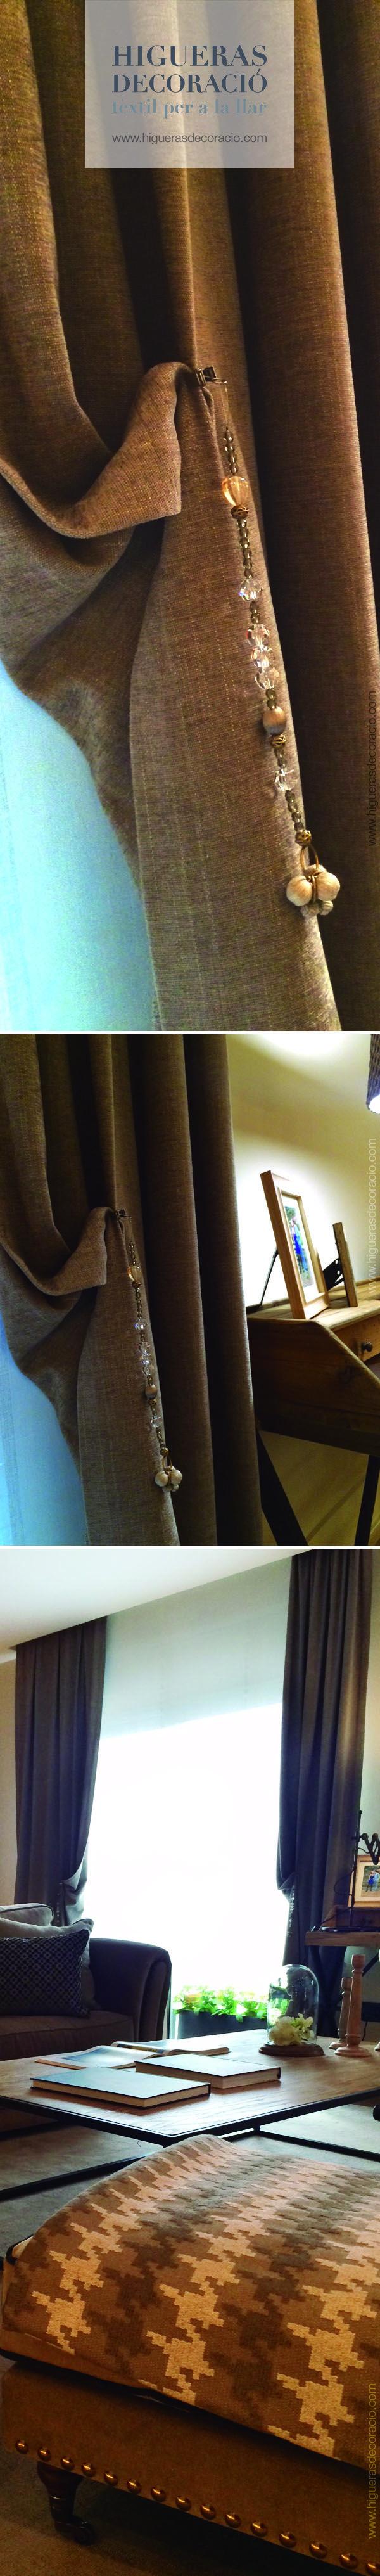 Las 25 mejores ideas sobre cortinas largas en pinterest - Alzapanos para cortinas ...